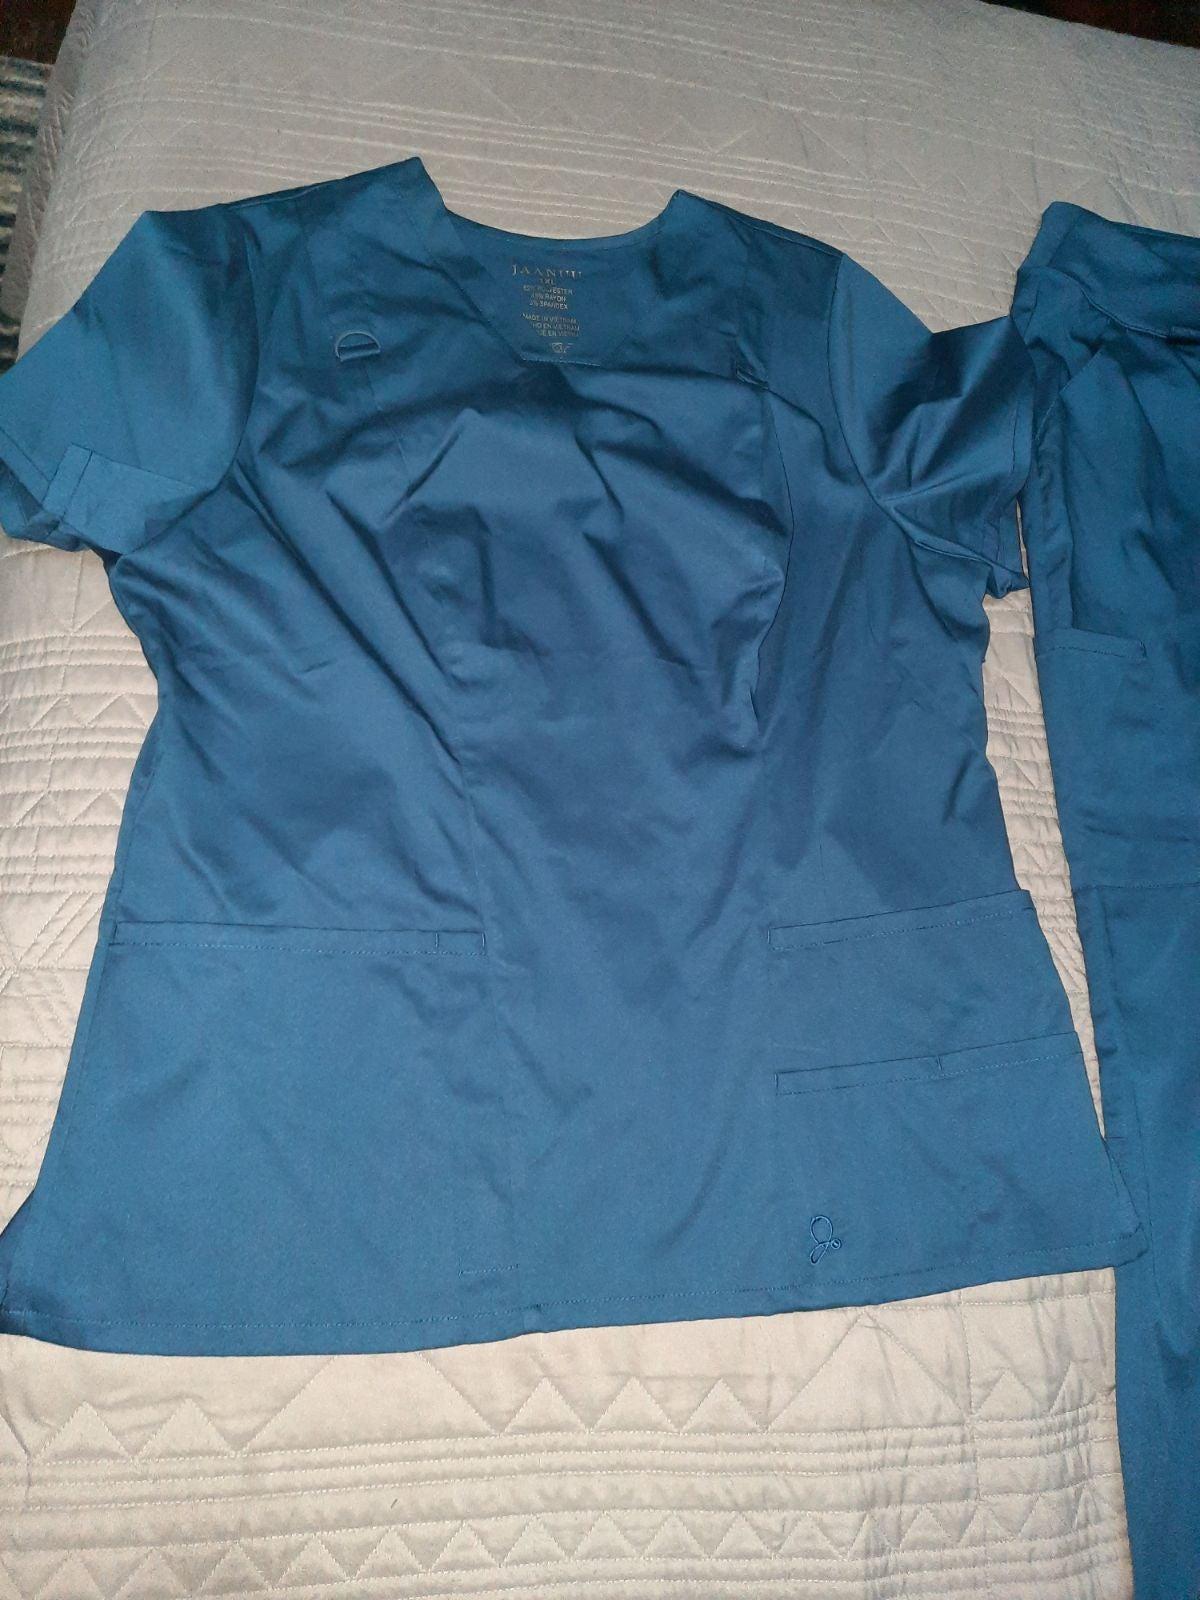 Jaanuu scrubs- navy blue sz xl